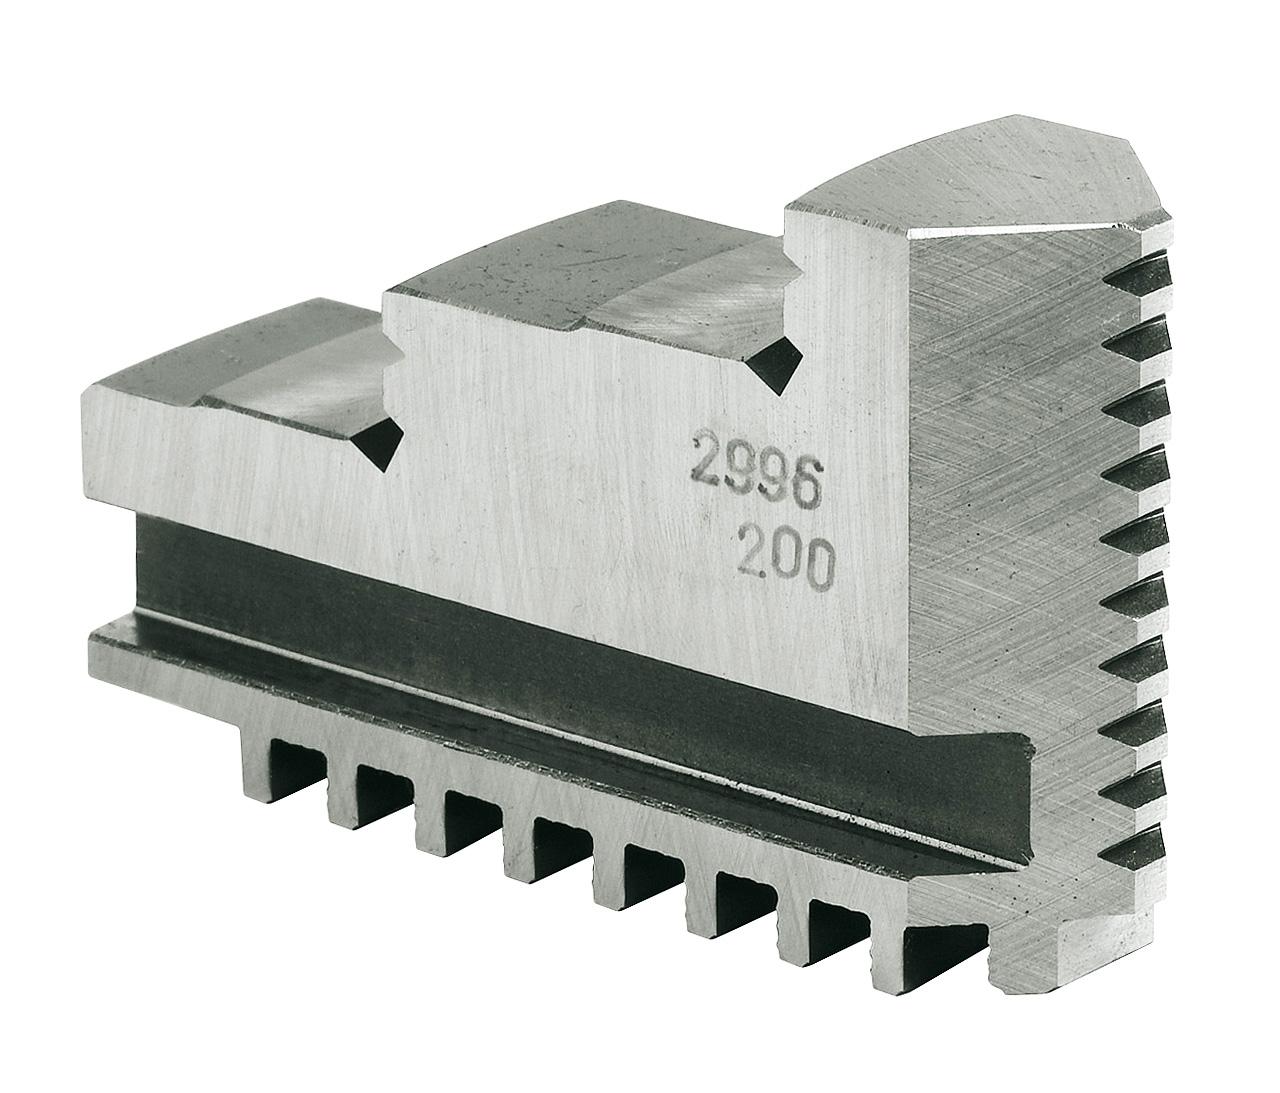 Szczęki jednolite twarde zewnętrzne - komplet DOJ-DK12-400 BERNARDO